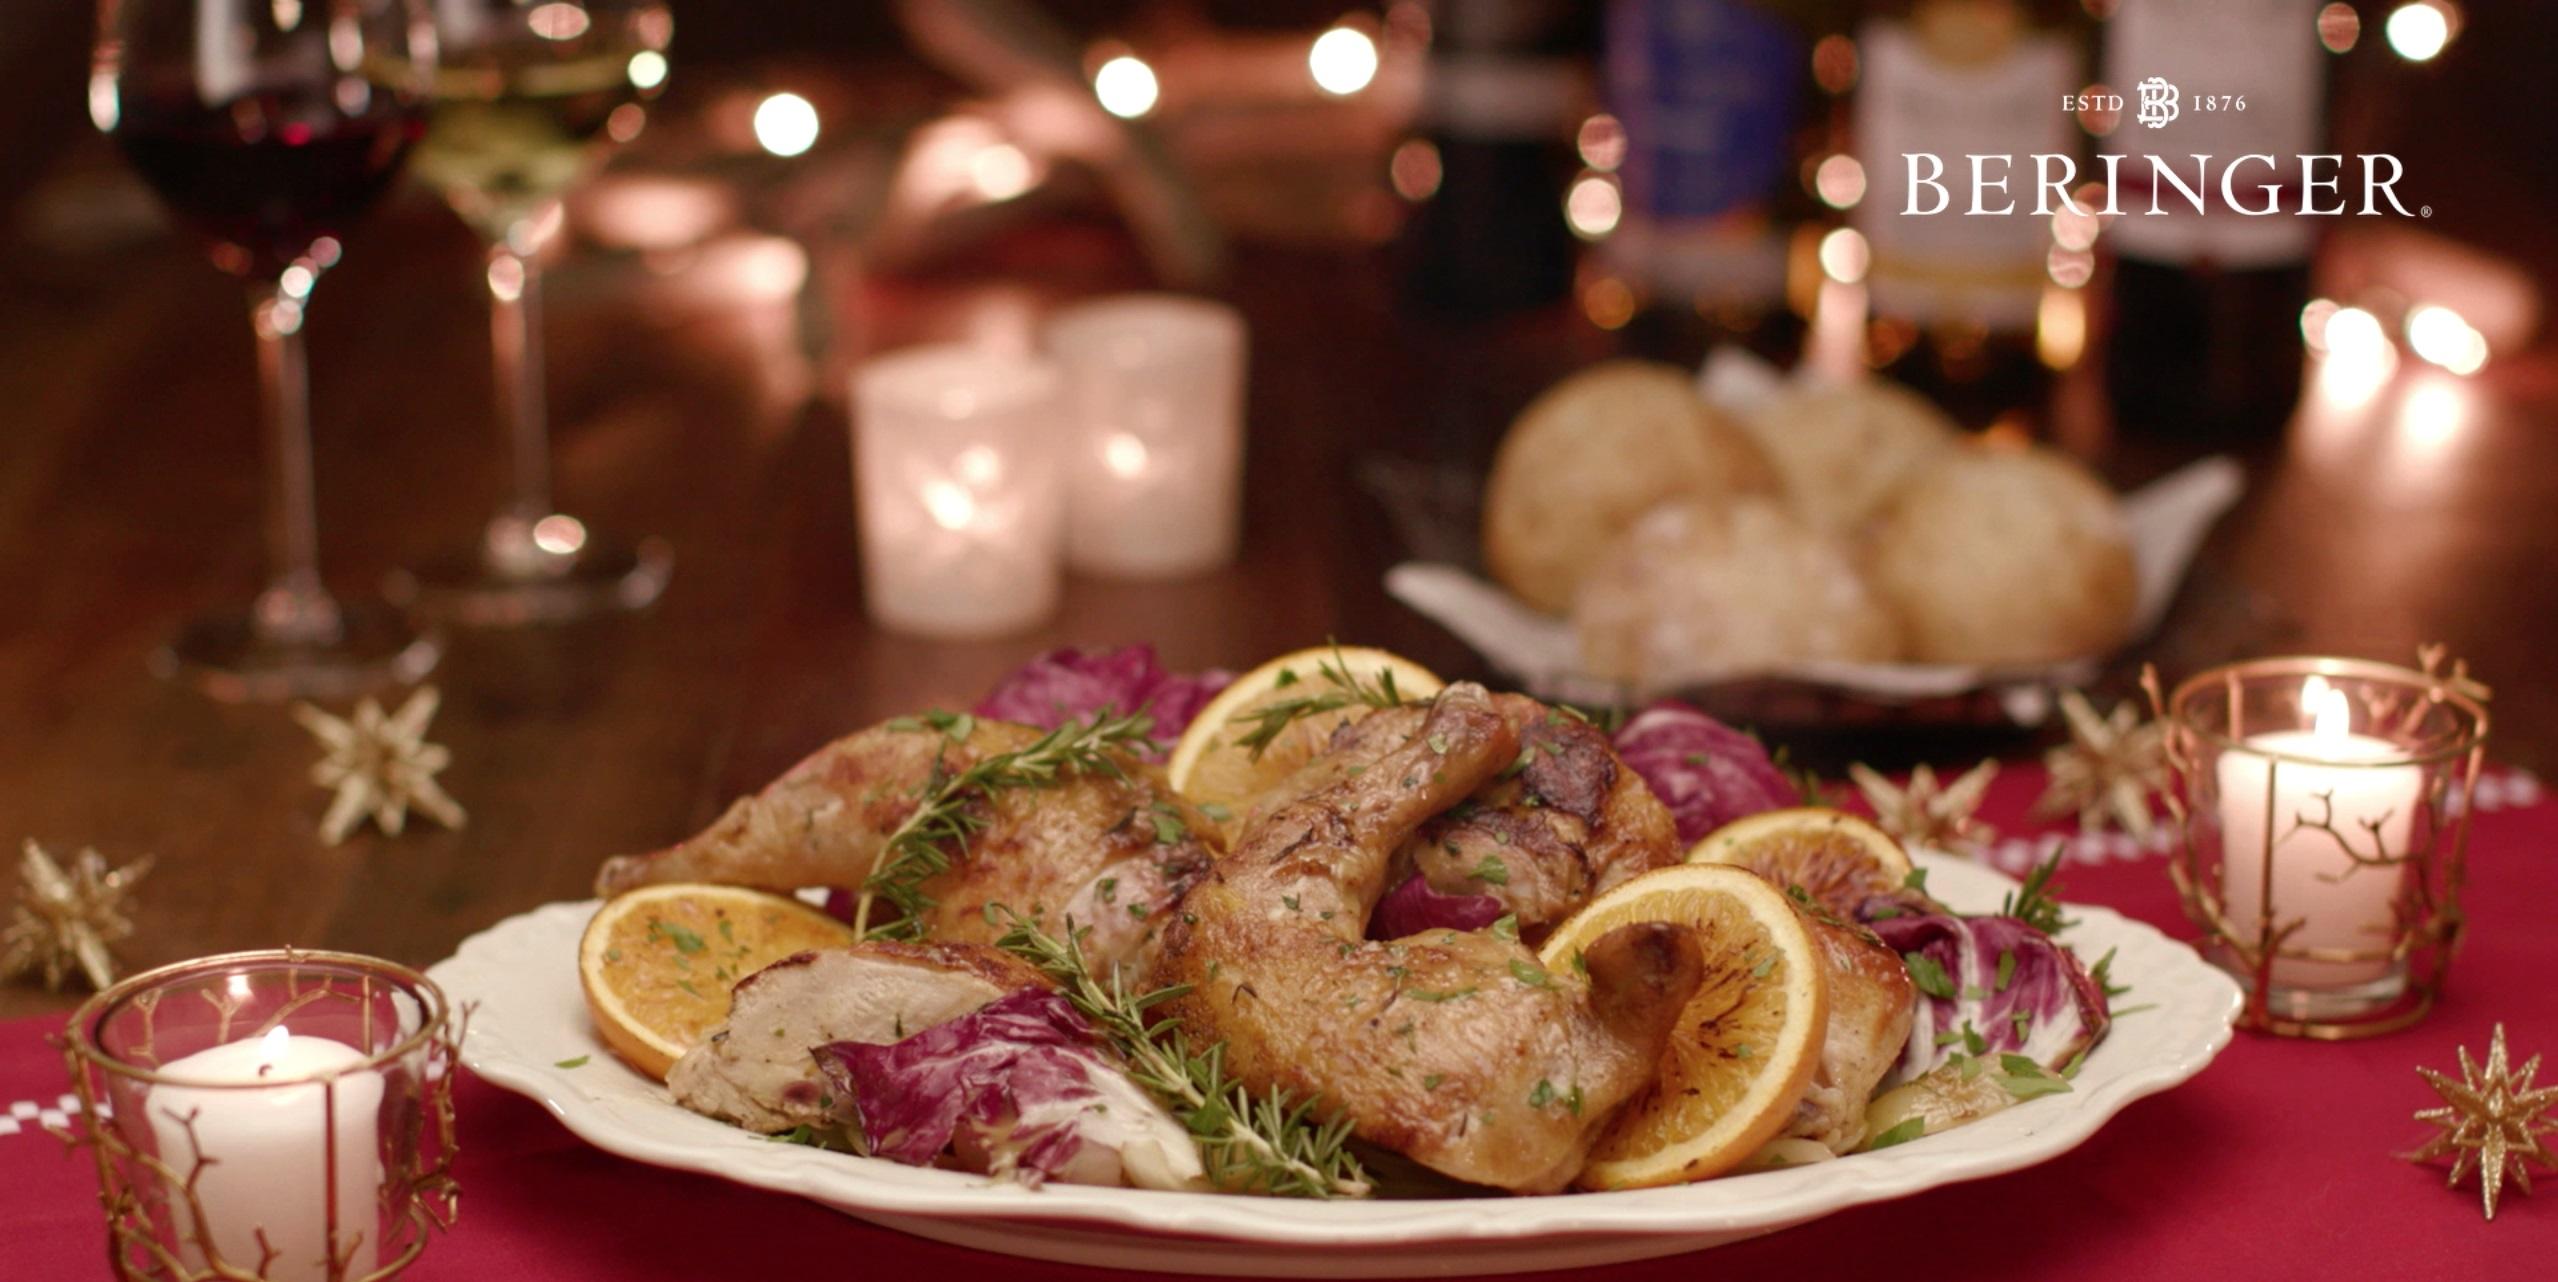 桝谷シェフ監修レシピ、ローストチキン・オレンジソースとクリスマスのテーブルセッティング